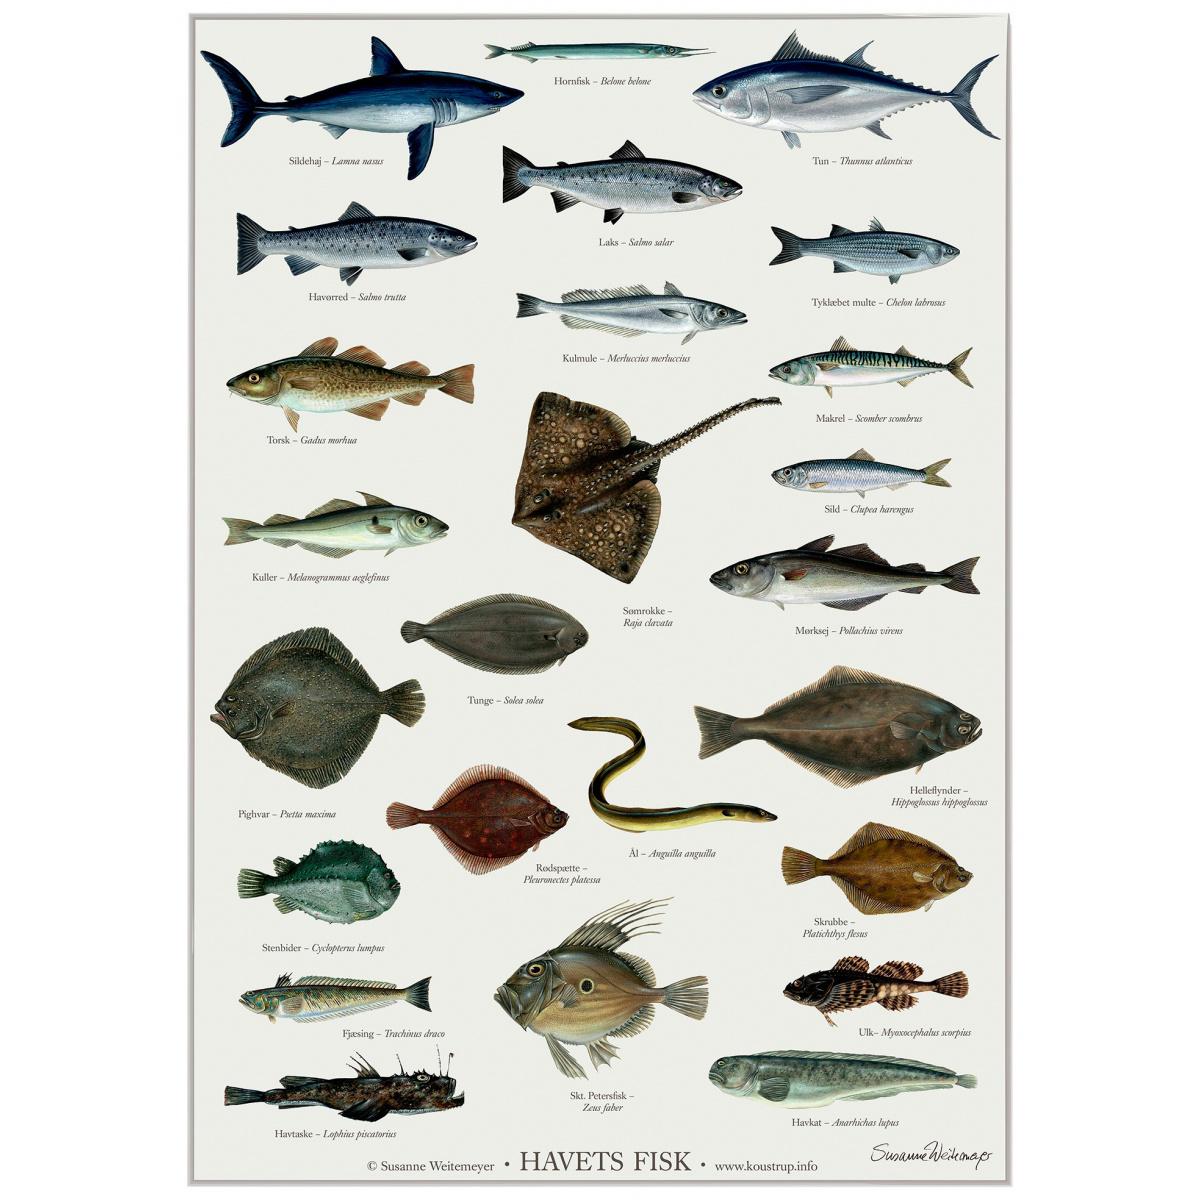 Koustrup & Co. plakat i A2 - havets fisk